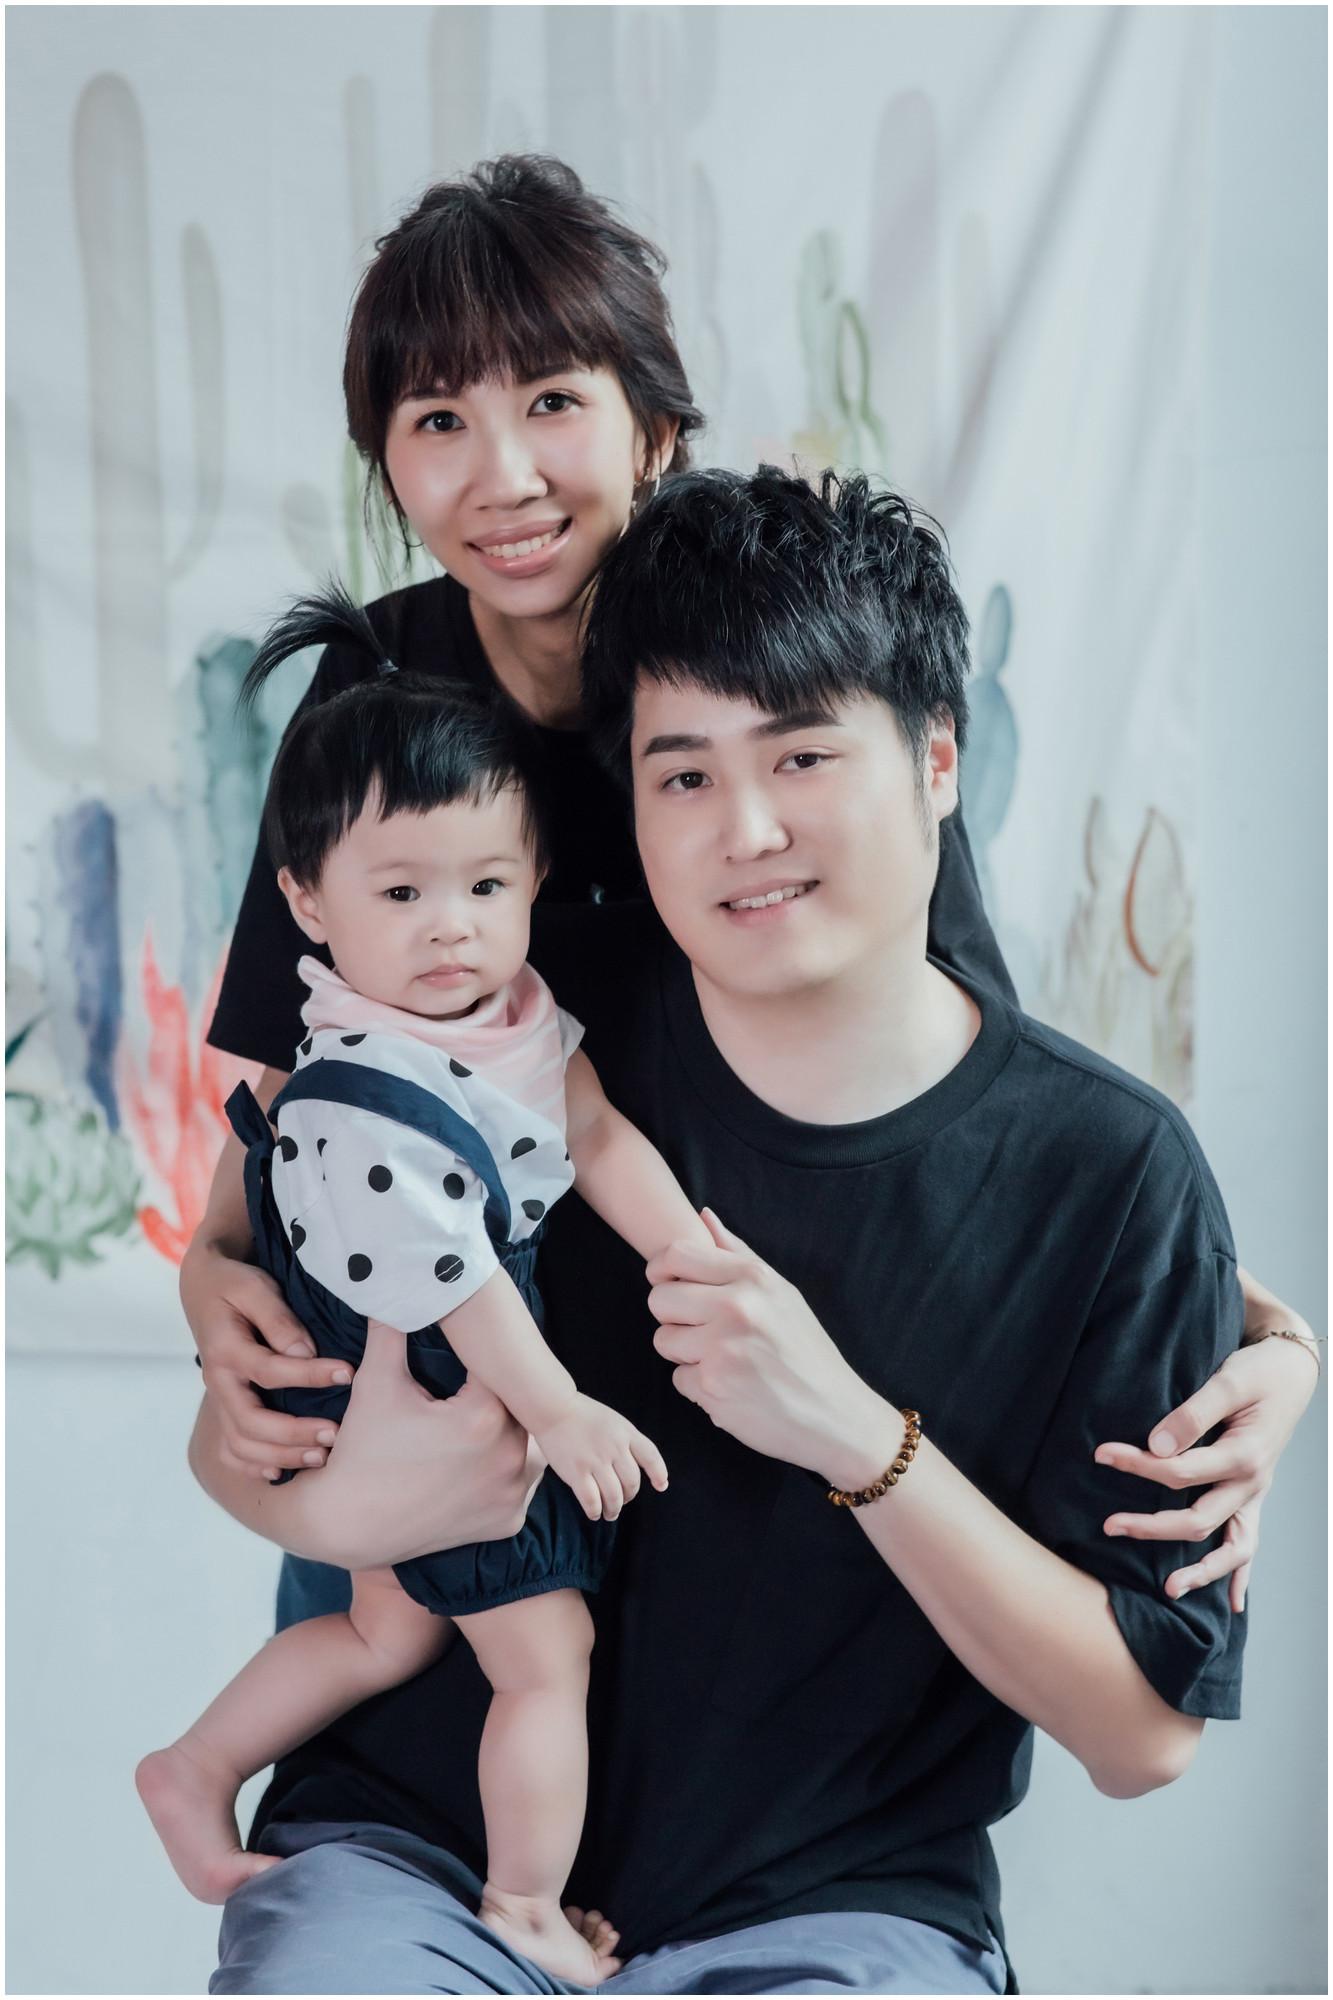 親子寫真 / 全家福 / 柴犬 / 寶寶寫真 / 台北板橋攝影 / 親子婚紗